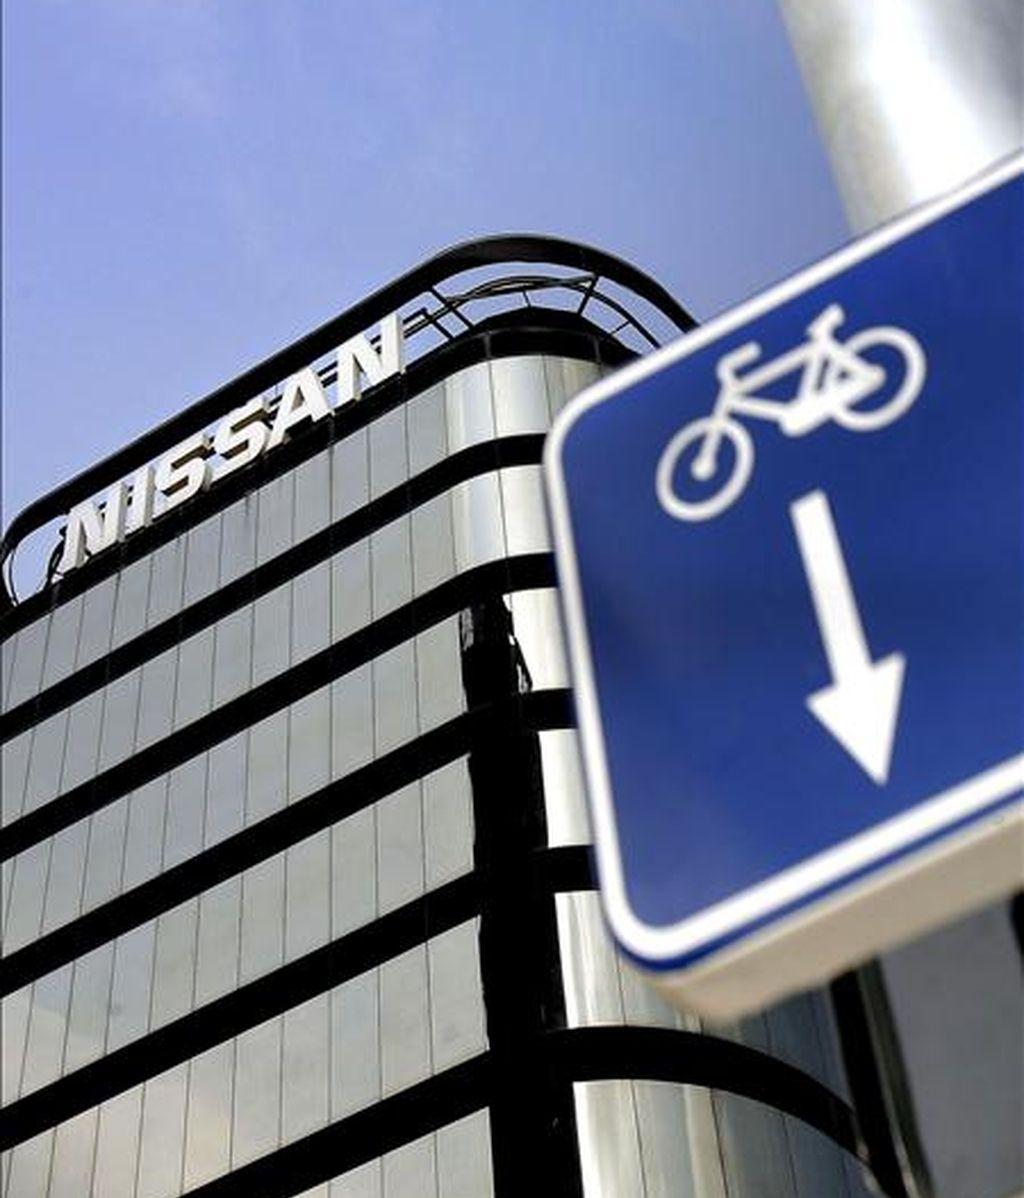 Imagen de la sede social de Nissan en Barcelona, empresa que ha avanzado a los sindicatos que ha suspendido la inversión en Tánger. EFE/Archivo